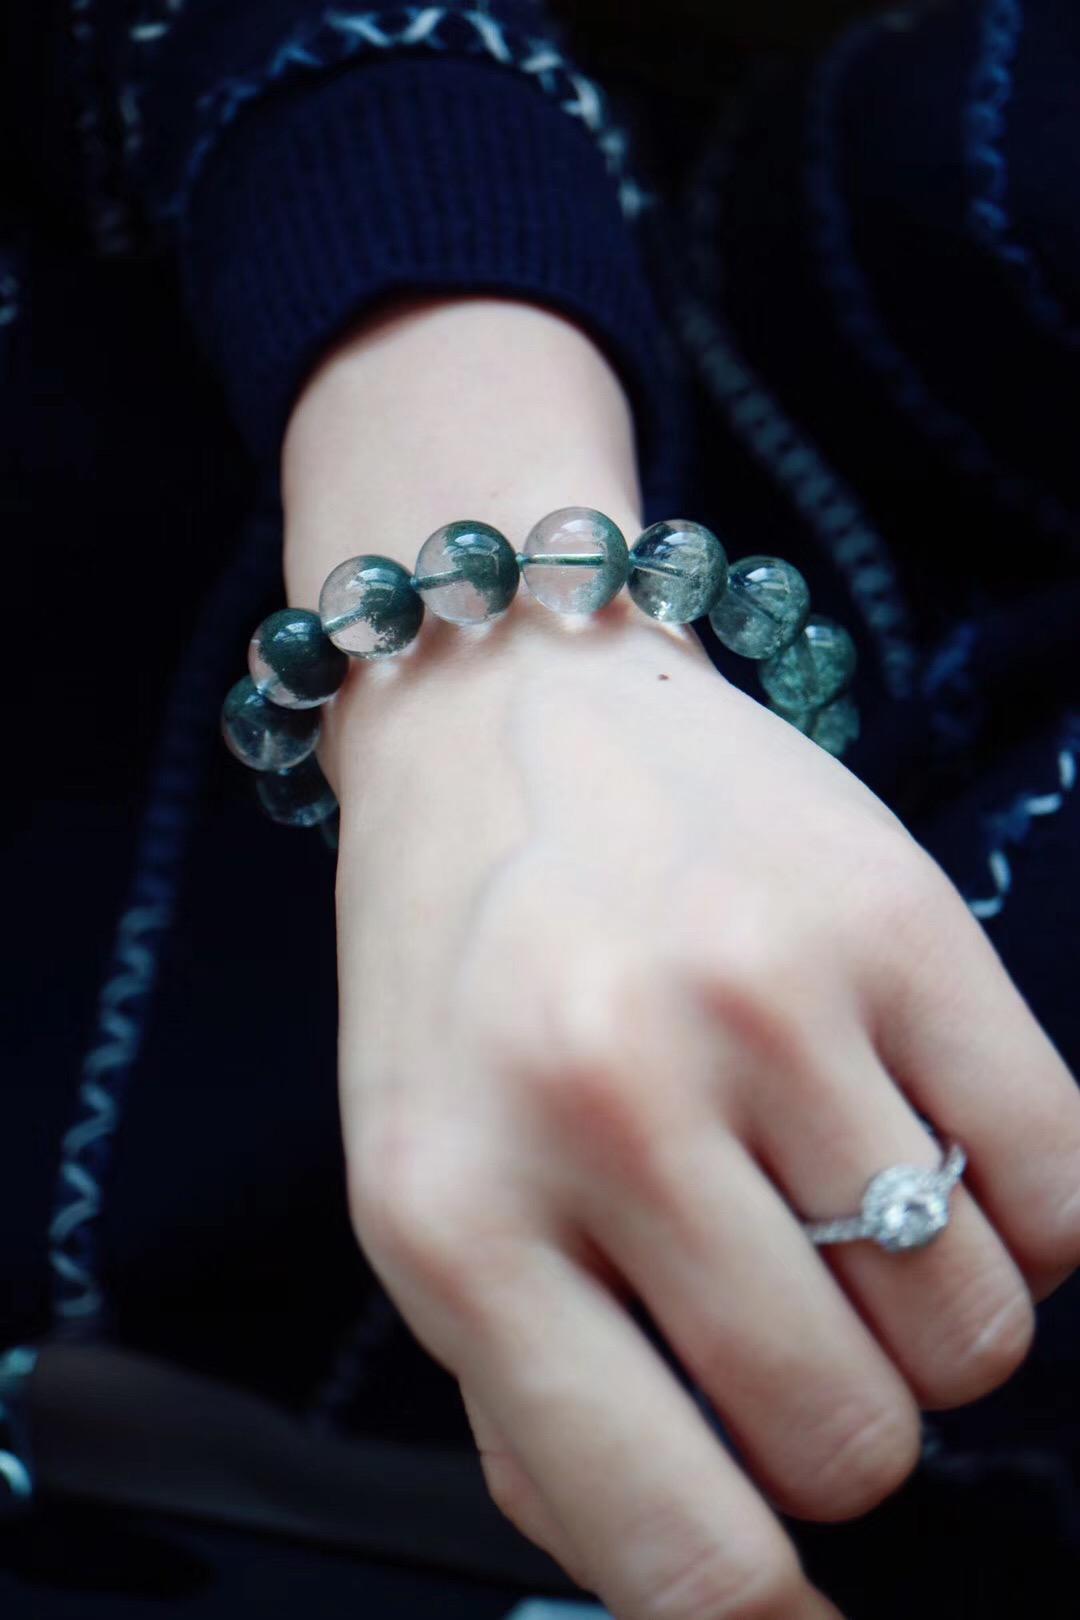 【菩心   绿幽灵聚宝盆】 疗愈心轮的晶石-菩心晶舍